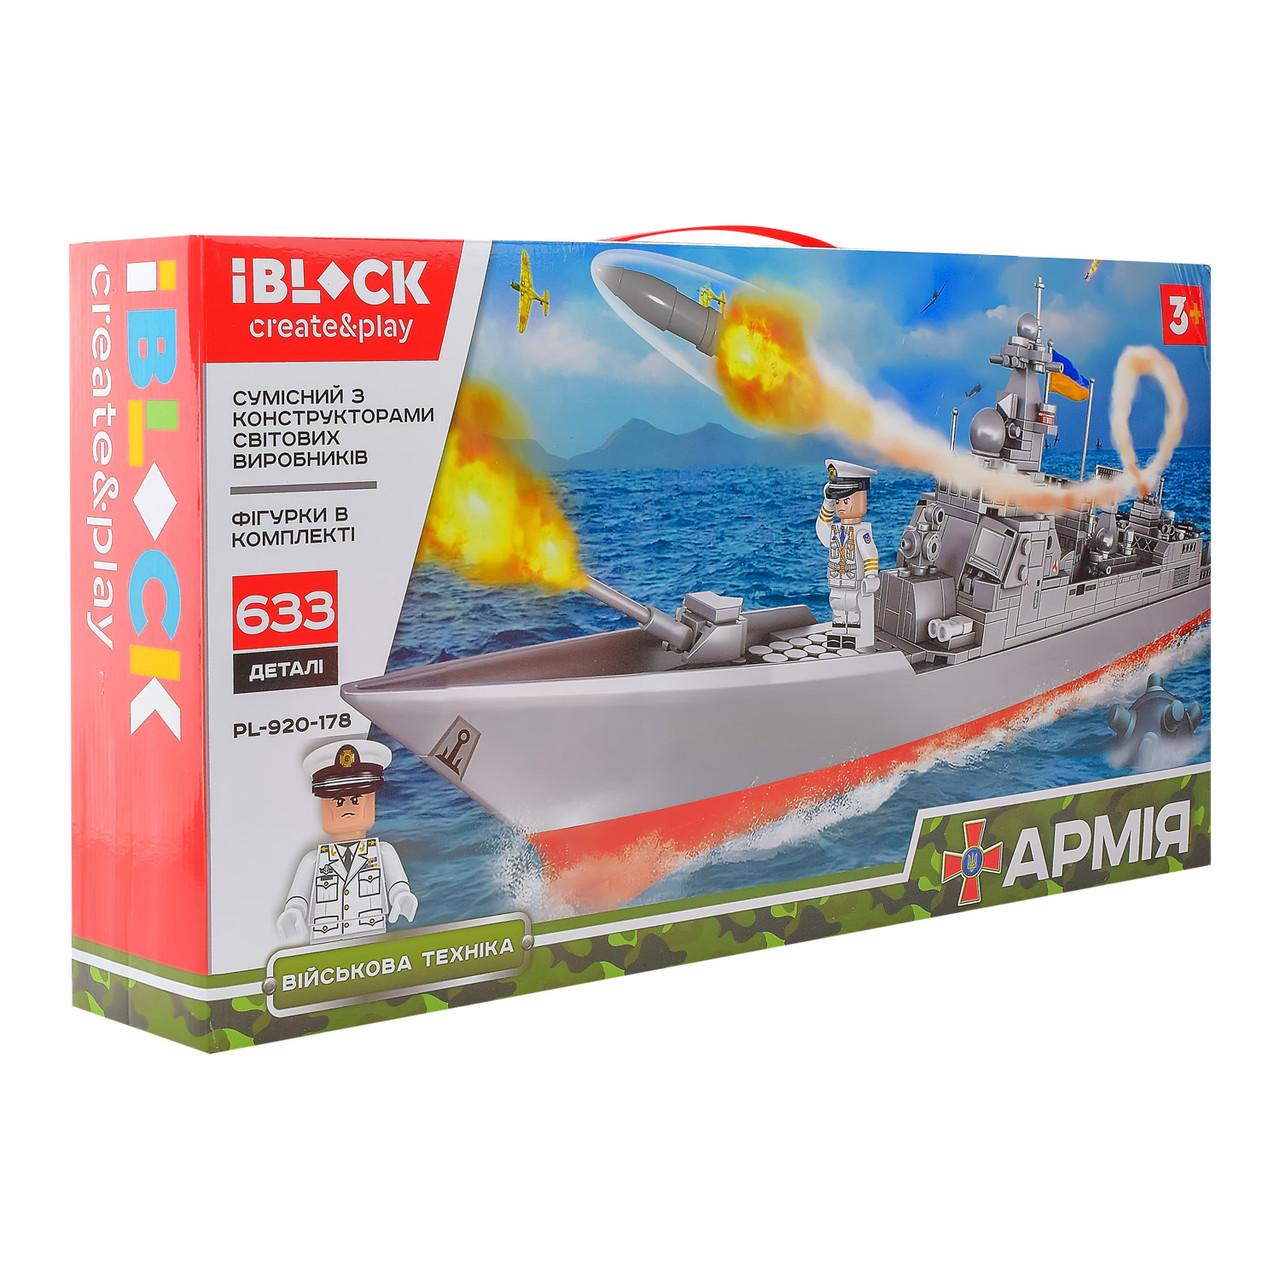 Конструктор Армия, корабль ВМС Украины, 633 д. IBLOCK PL-920-178